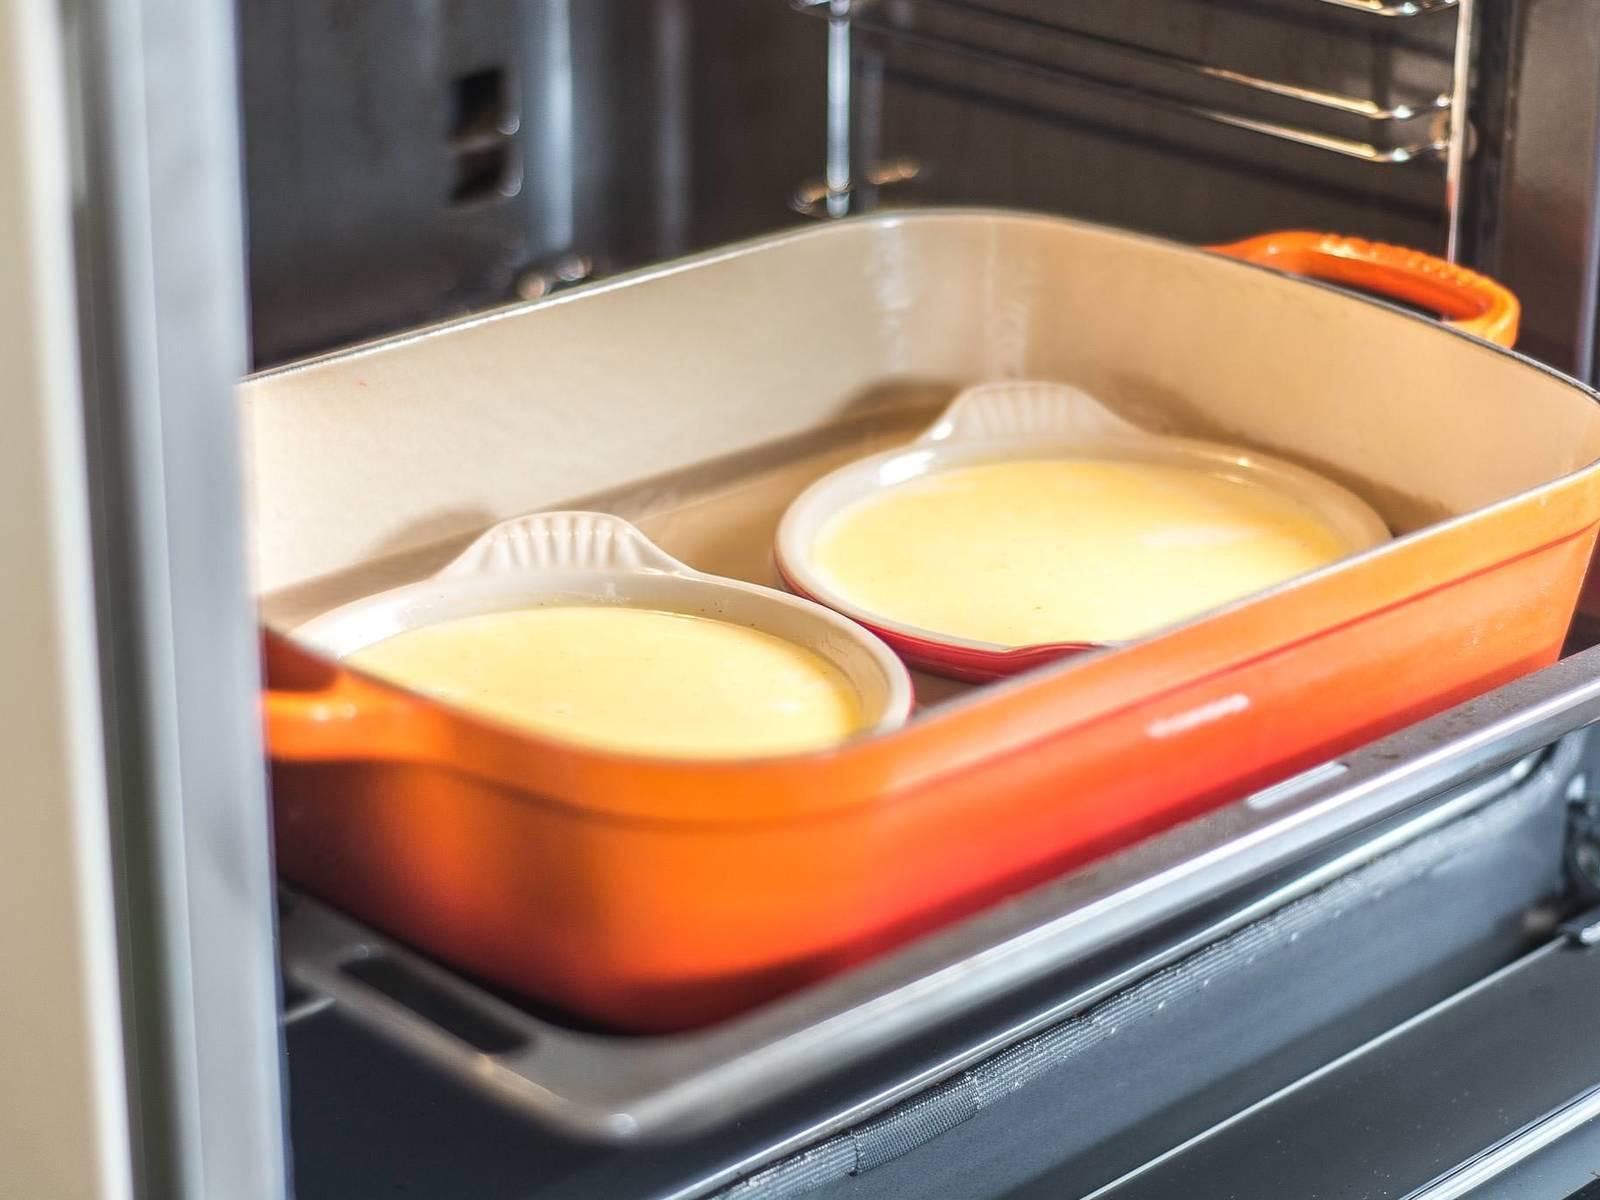 Nun im vorgeheizten Ofen bei 120°C ca. 60 Min. backen. Anschließend die Formen aus dem Wasserbad nehmen und ca. 30 Min. auskühlen lassen. Dann mind. 4 h oder über Nacht kalt stellen.